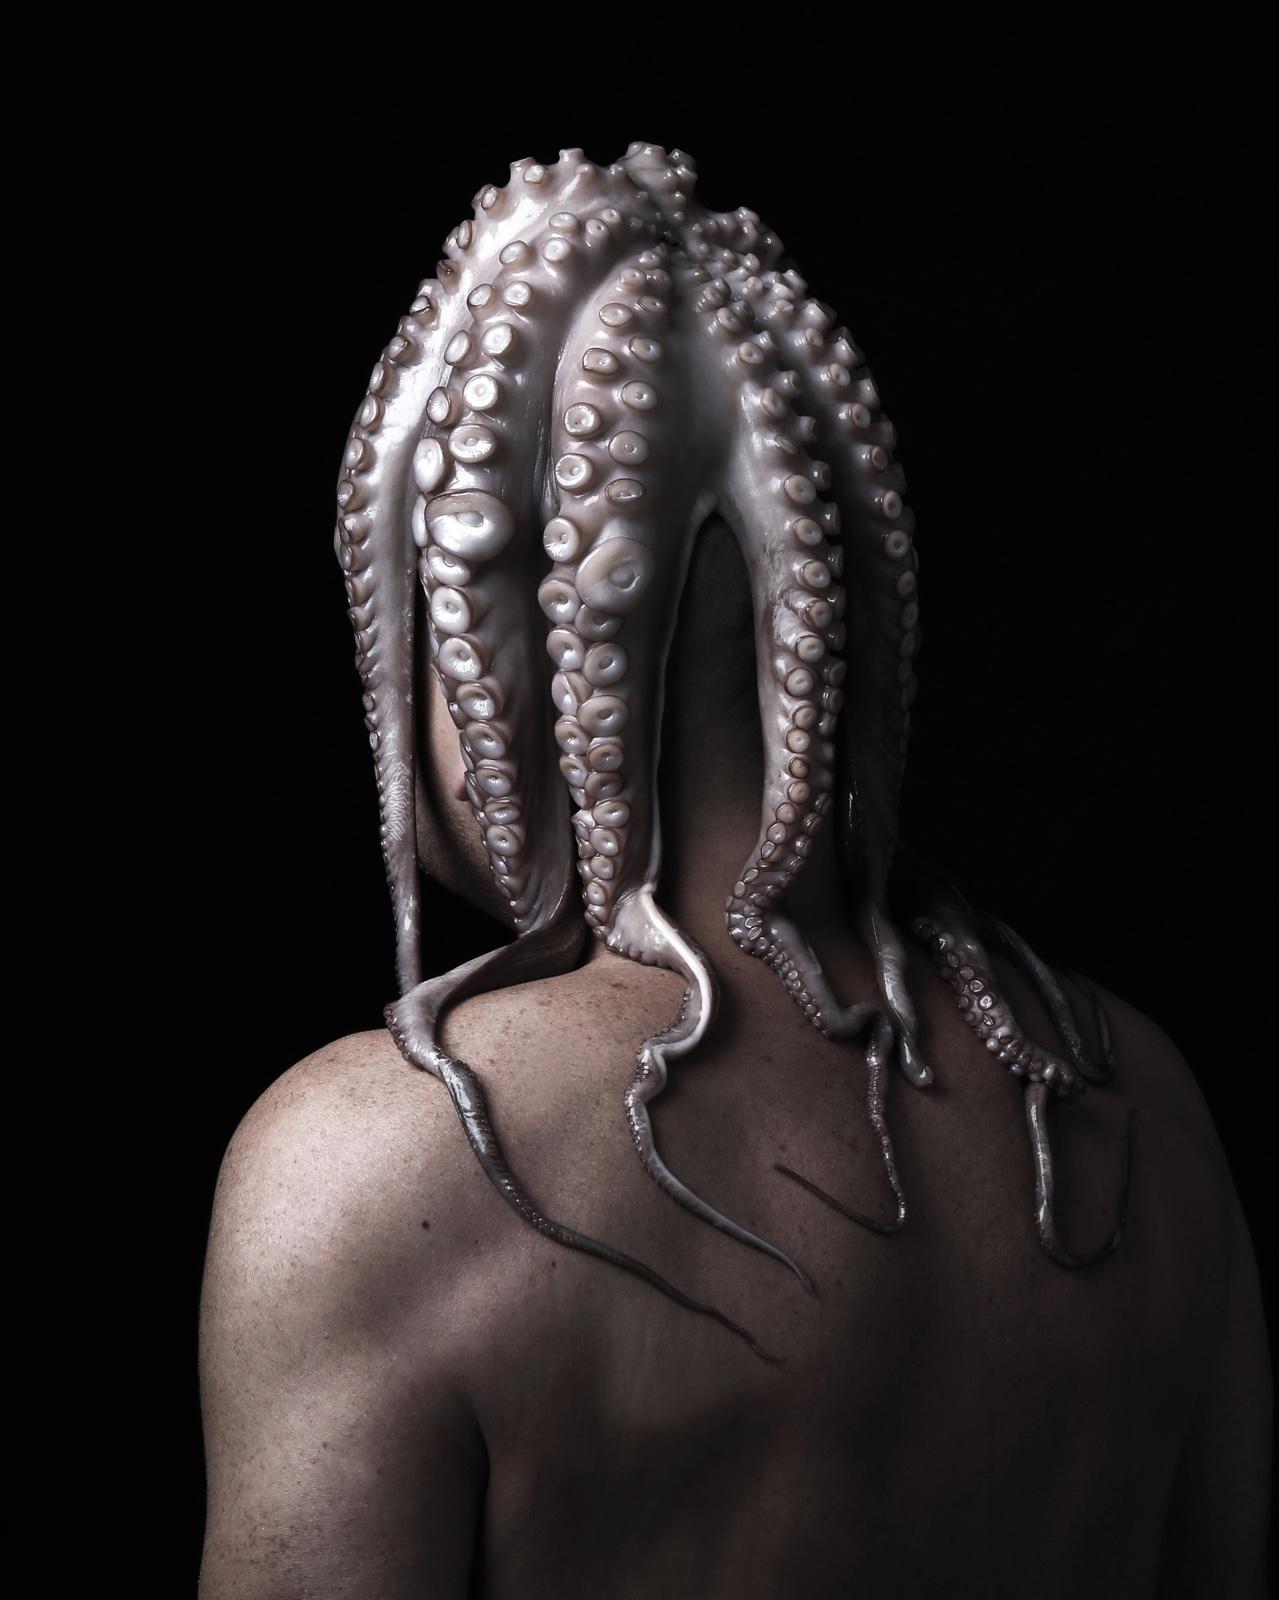 Foto uit de serie Octopussy, voor kunst10daagse Bergen (NH) 2018.